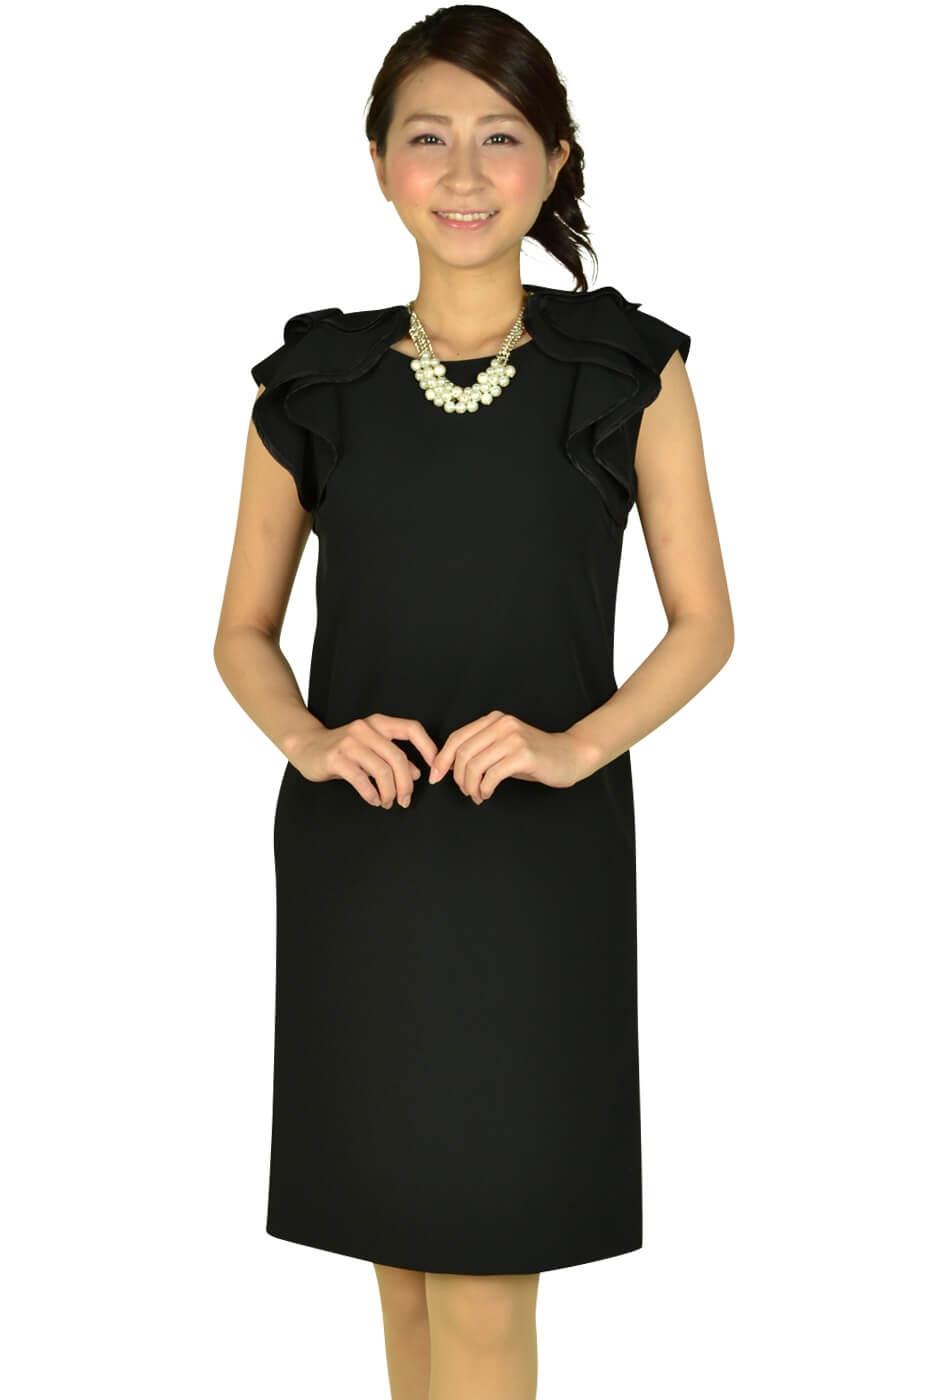 デミルクス ビームス (Demi-Luxe BEAMS)ショルダーフリルブラックドレス